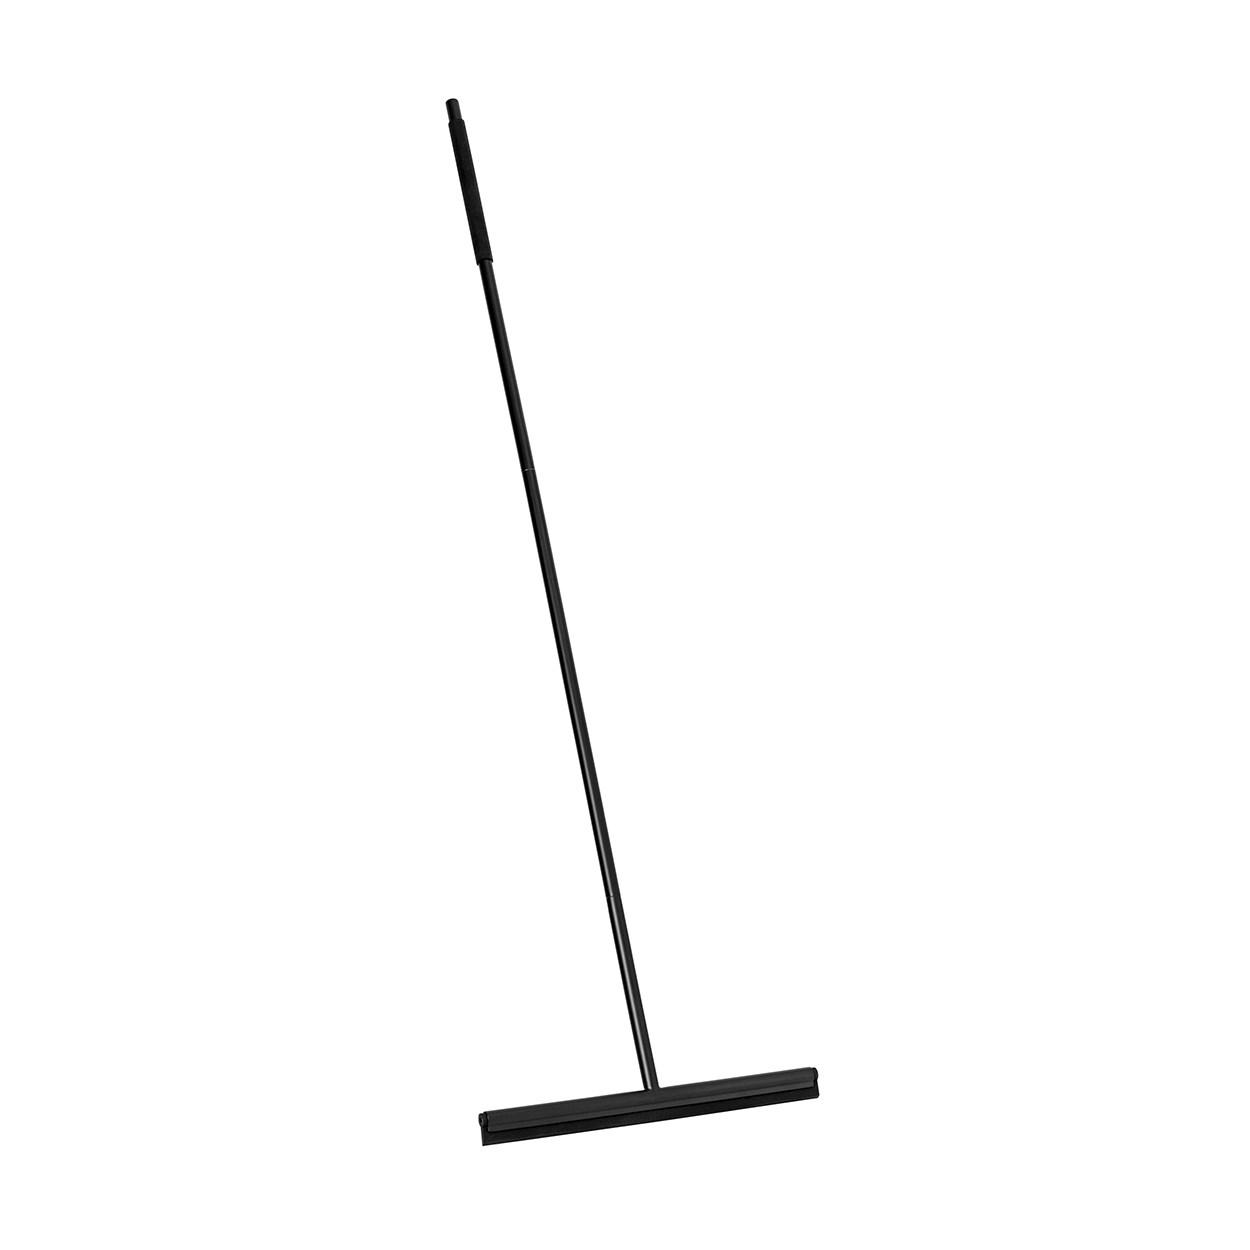 Stěrka s nástěnným držákem MODO černá_1